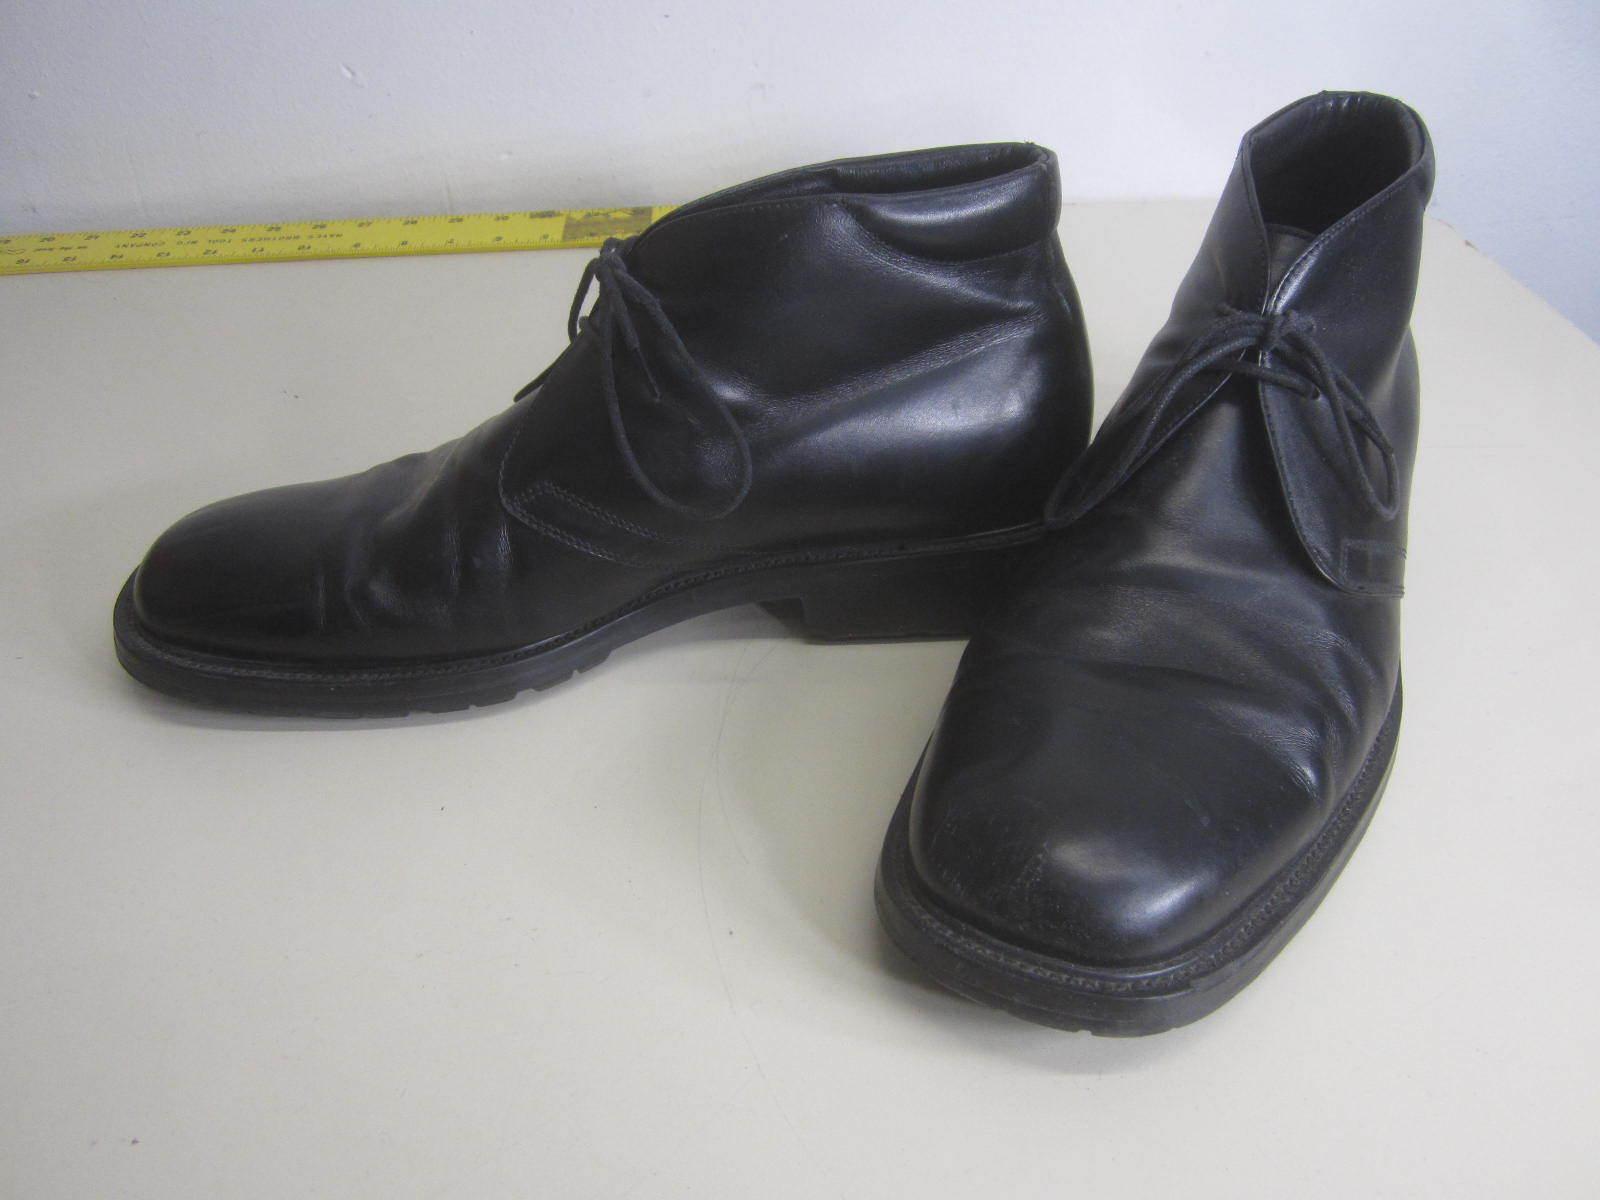 Vtg Gordon schwarz Rush Ankle Stiefel schwarz Gordon Leder rubber sole lace top sz 10.5 fbc6d1